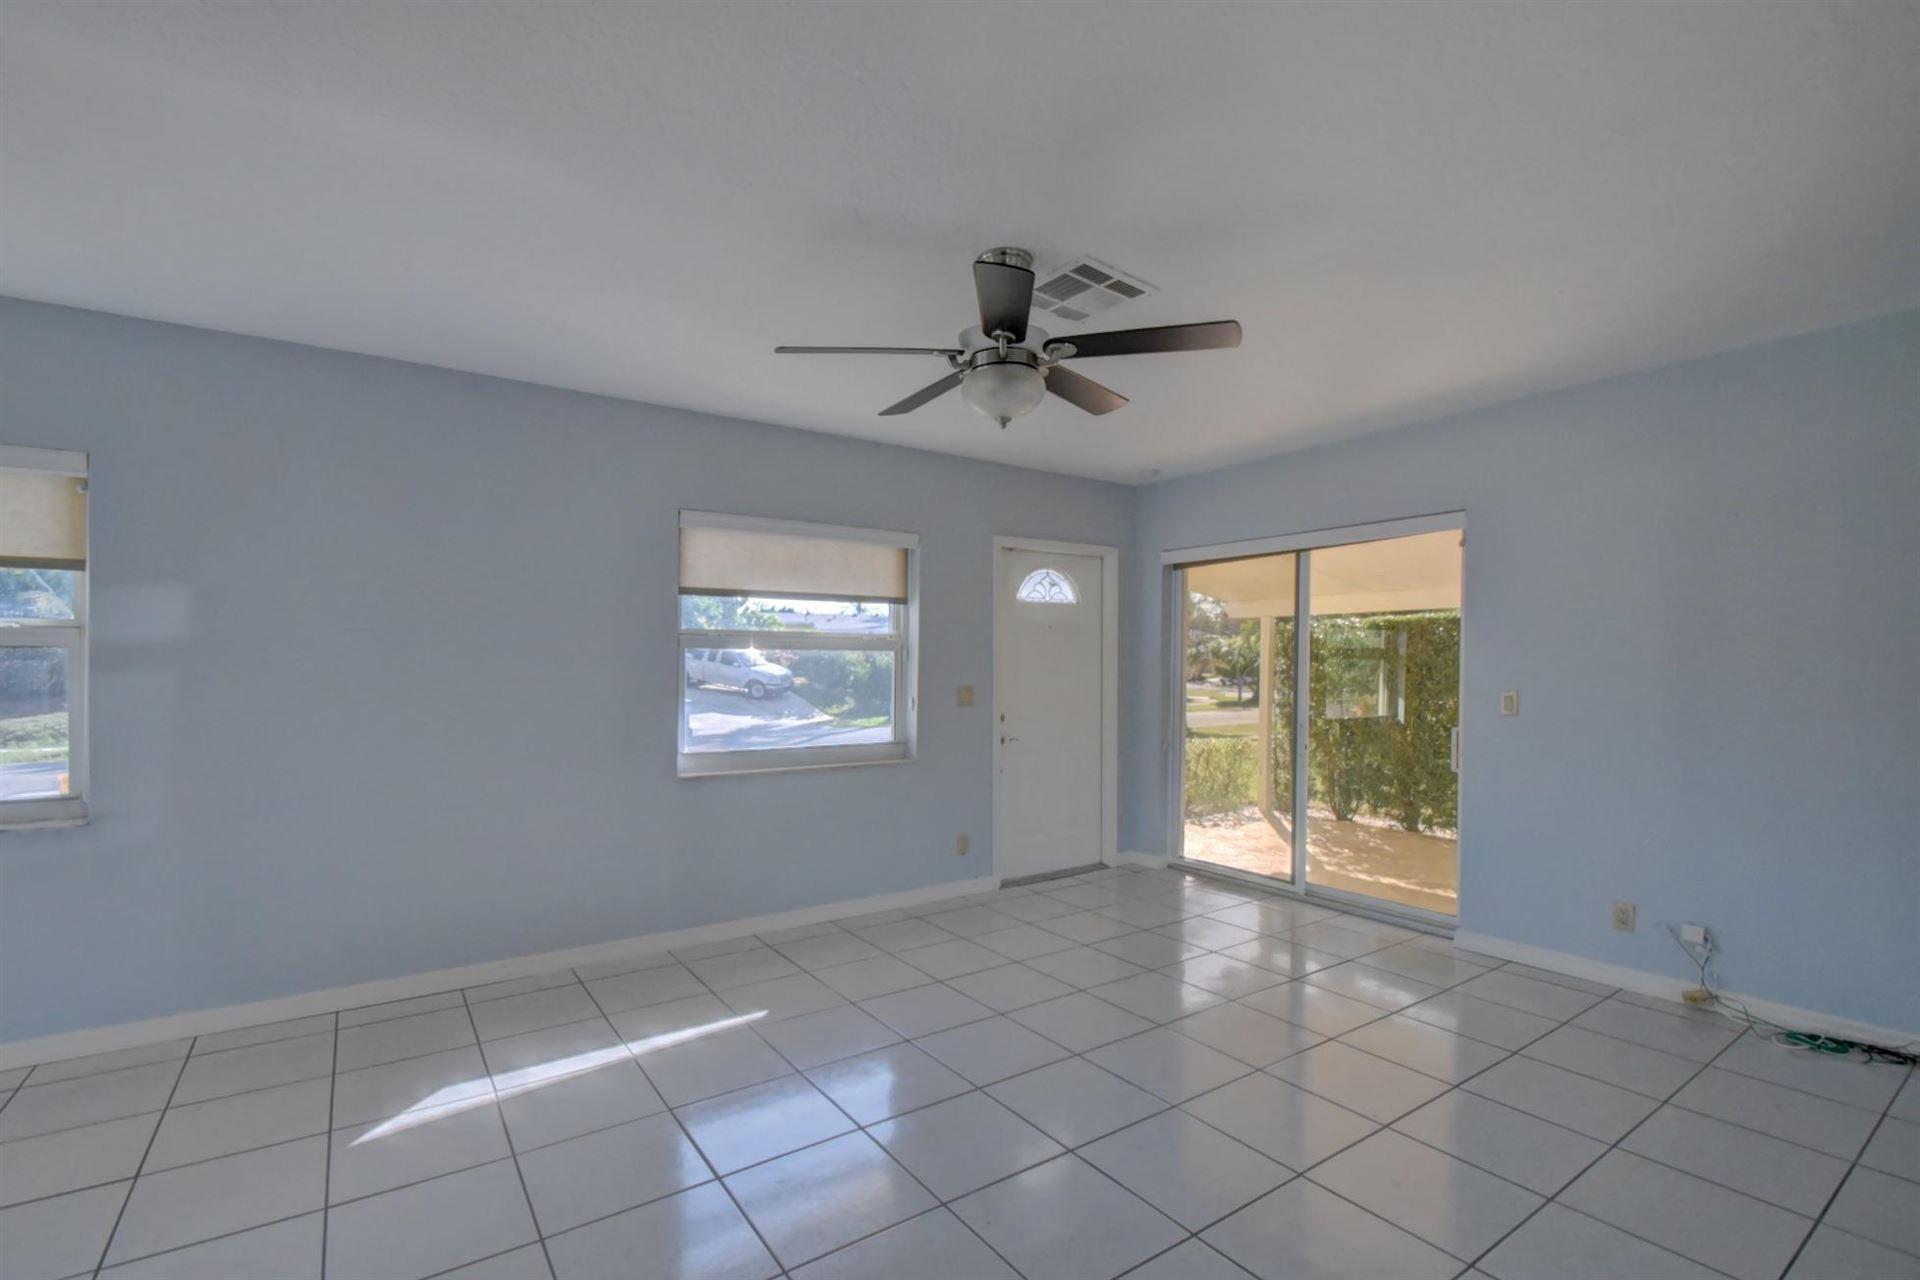 Photo of 1013 S 11th Street, Lantana, FL 33462 (MLS # RX-10687929)